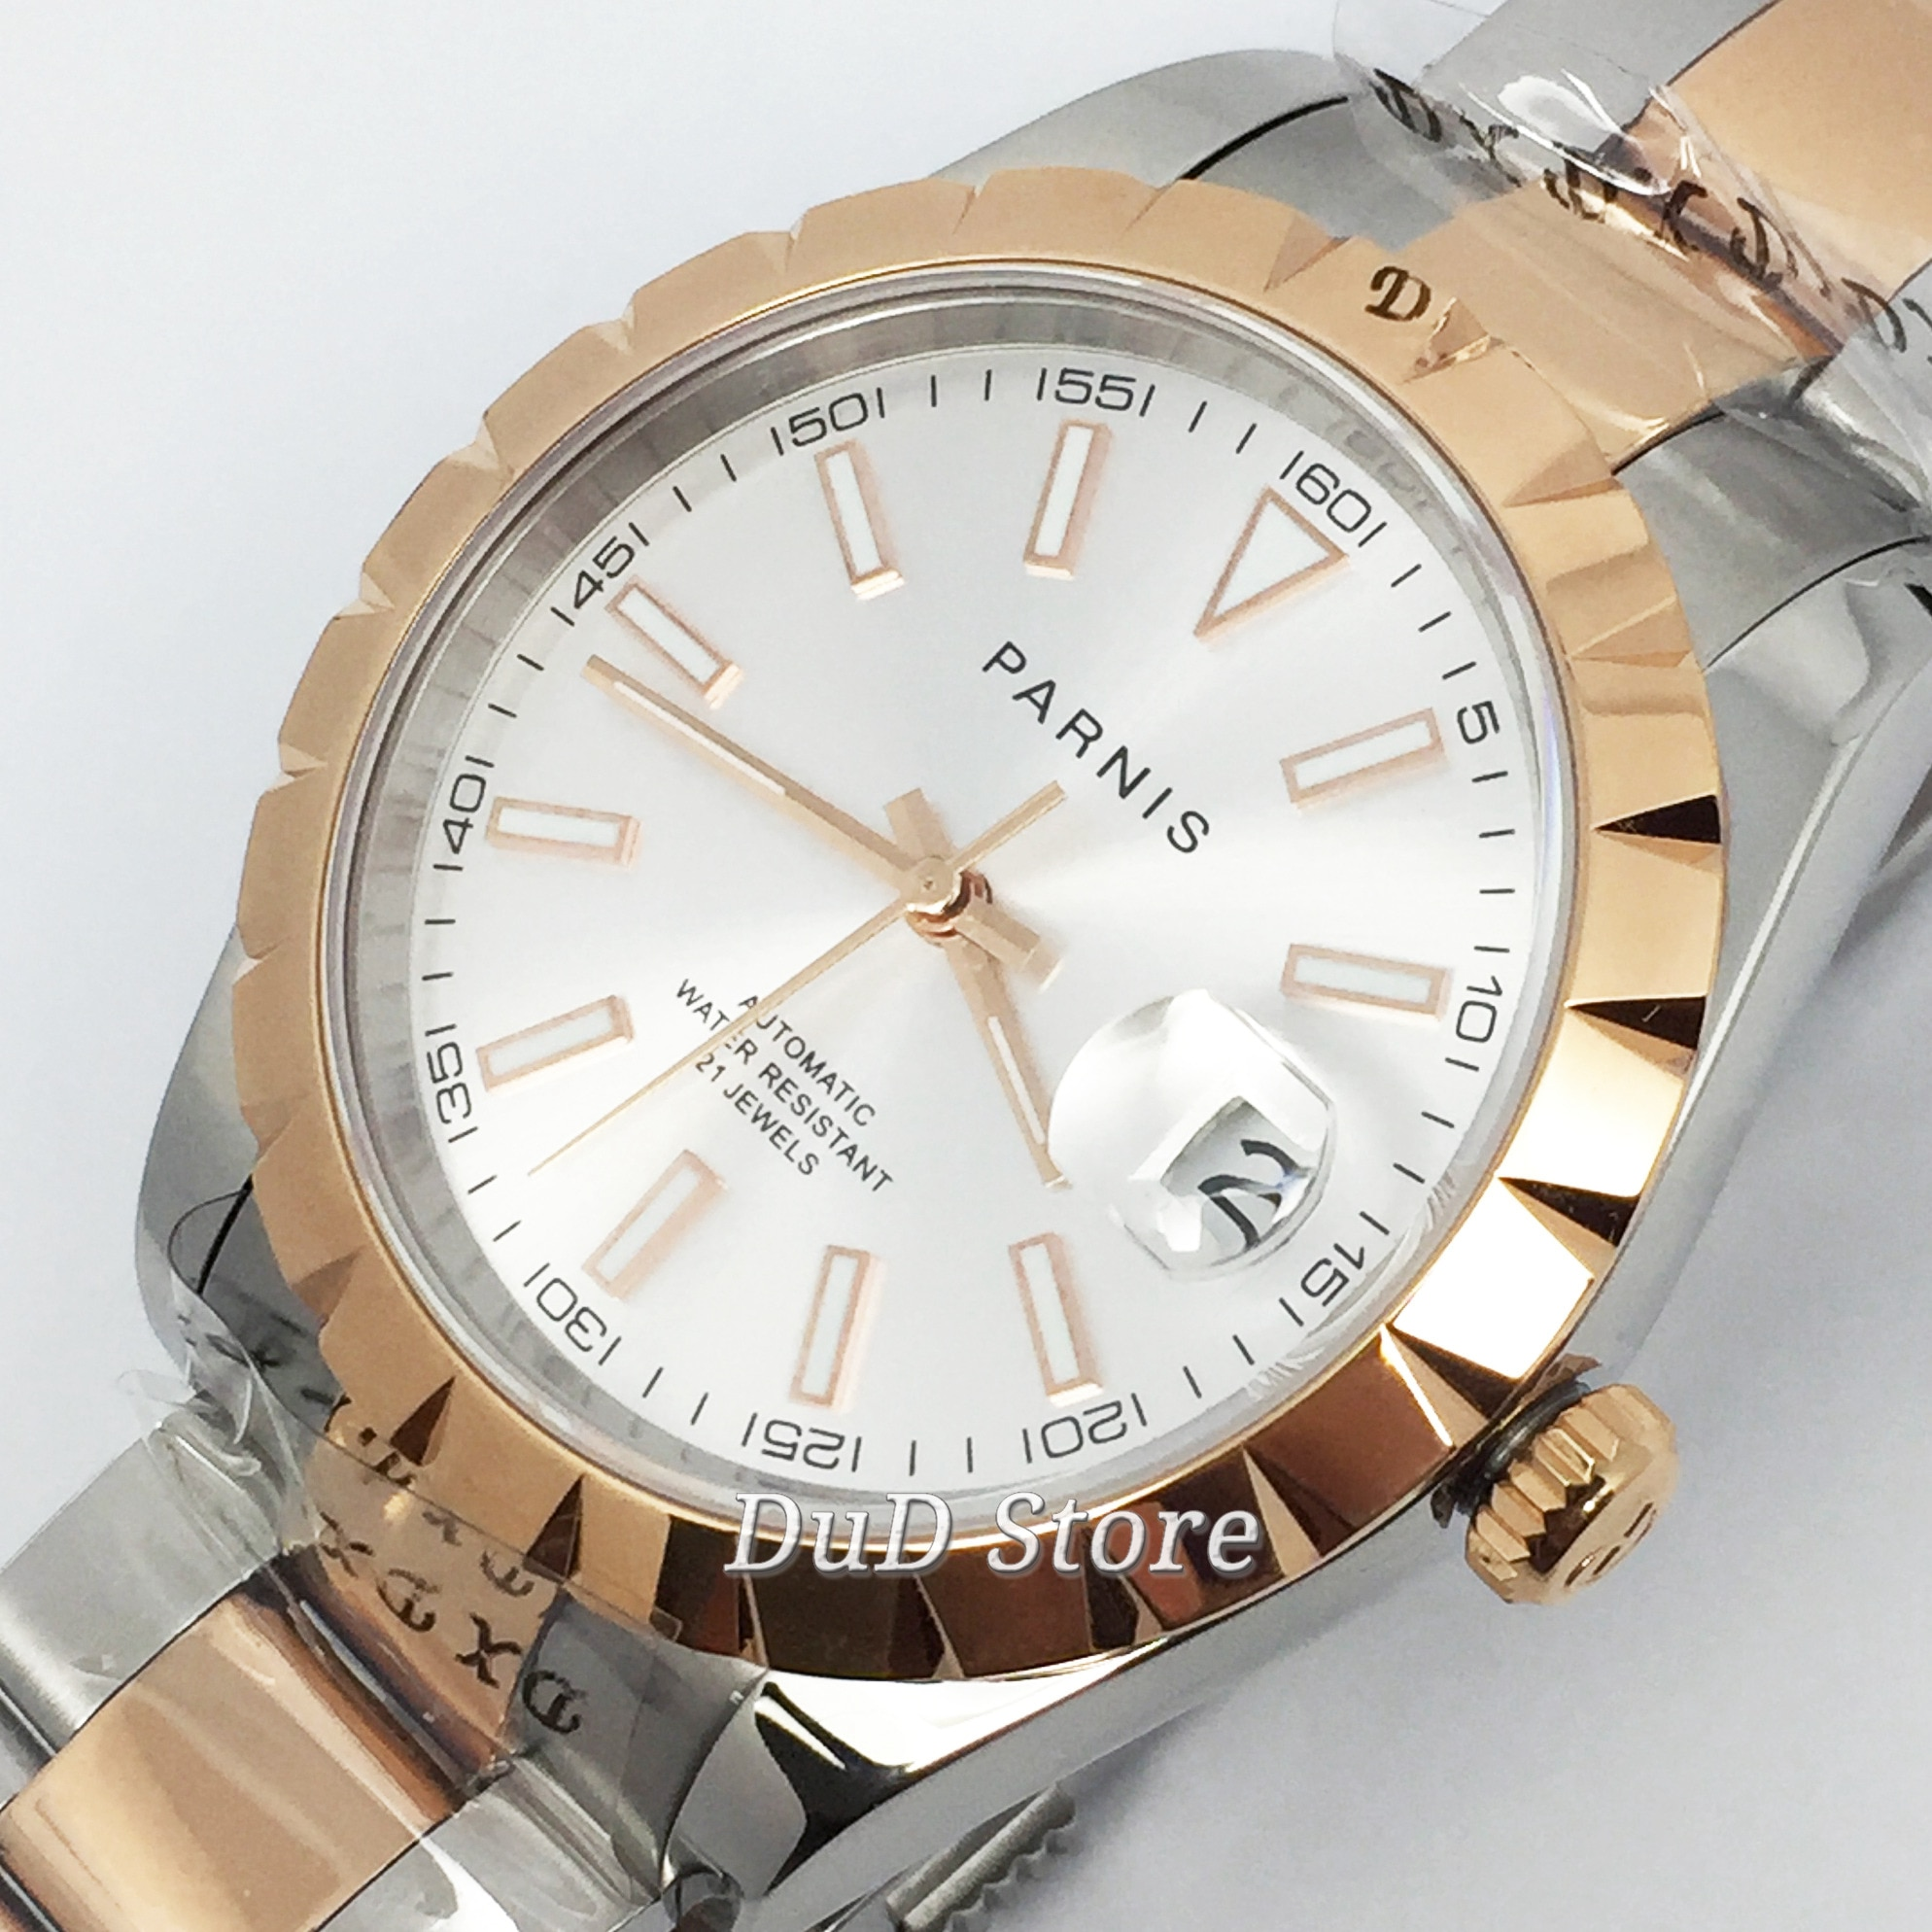 Parnis 2020 nouvelle montre en or rose pour hommes daffaires 39mm saphir cristal date fenêtre 21 bijoux mis5 mouvement montre automatique